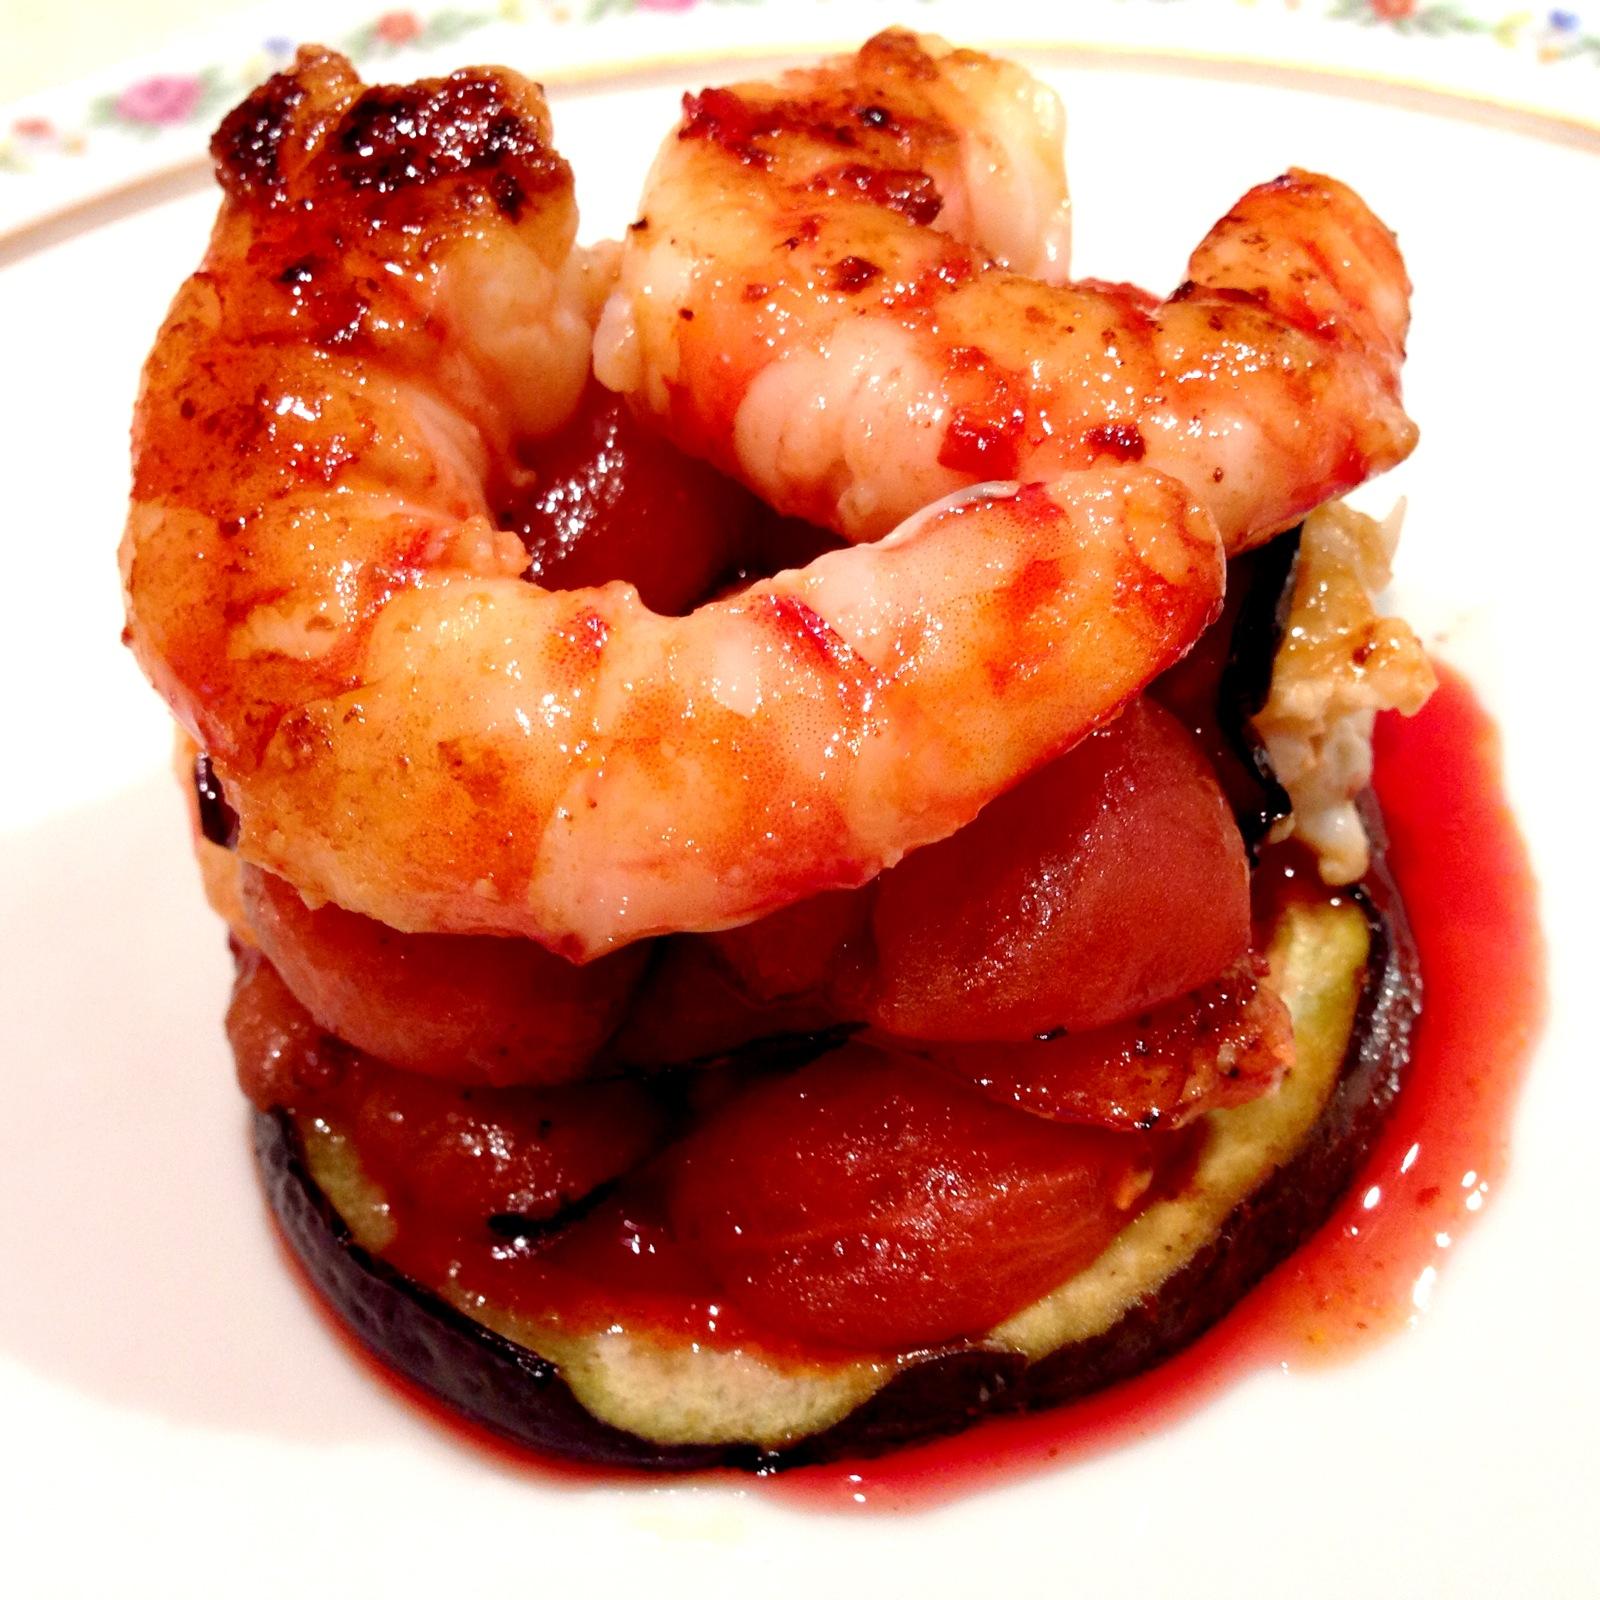 Parmigiana Di Gamberi Con Riduzione Al Campari Chefs4Passion #850A06 1600 1600 Ricette Cucina Disegnate